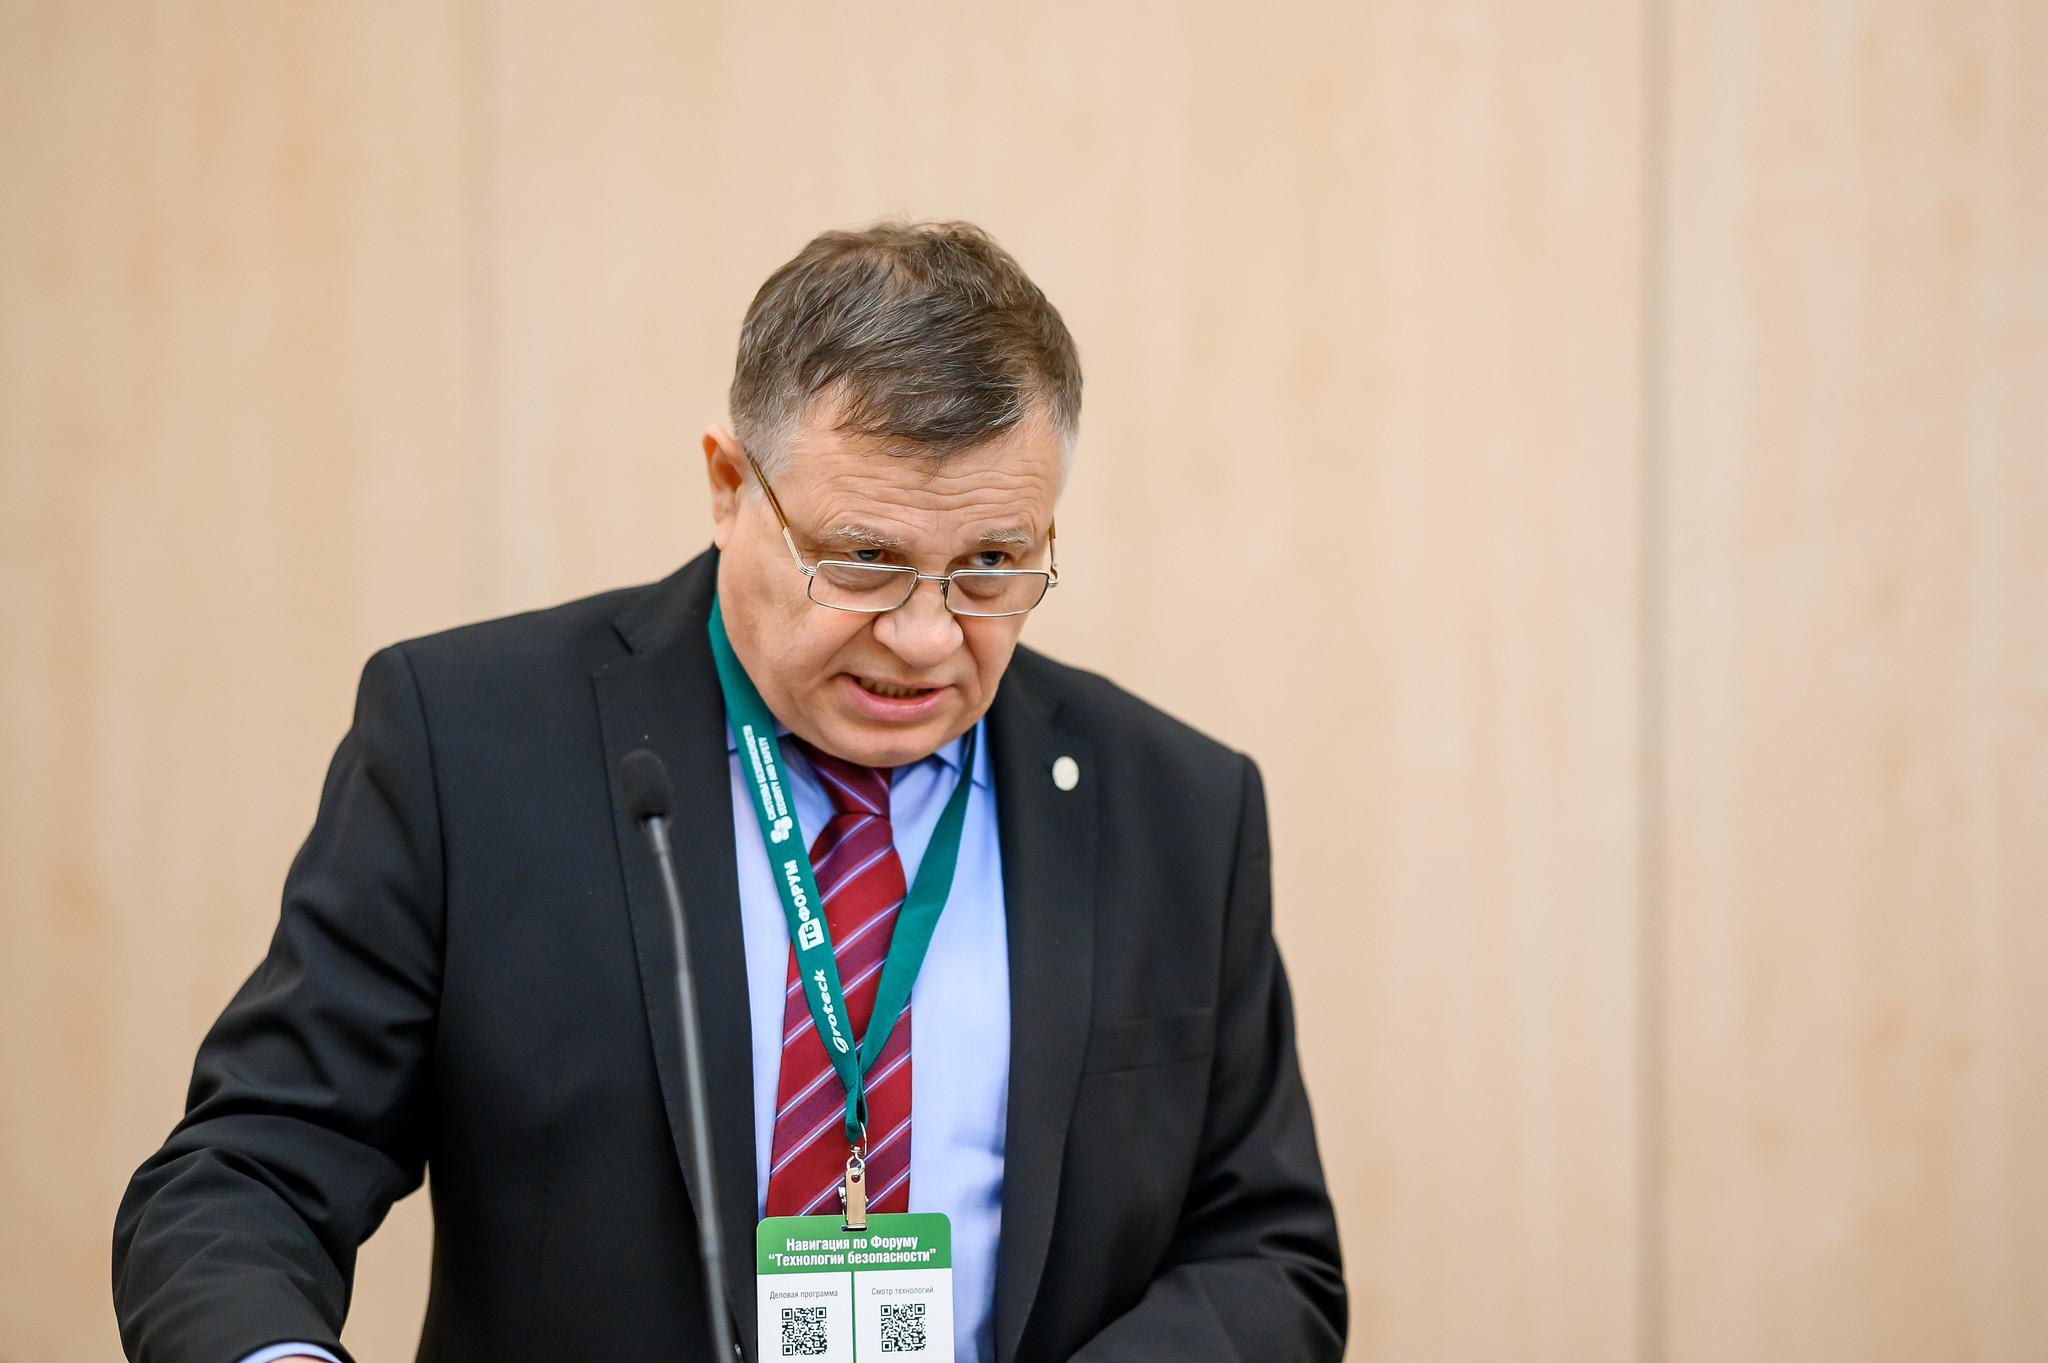 Александр Ященко (Черкизово): точечное обсуждение задач — главная ценность ТБ Форума